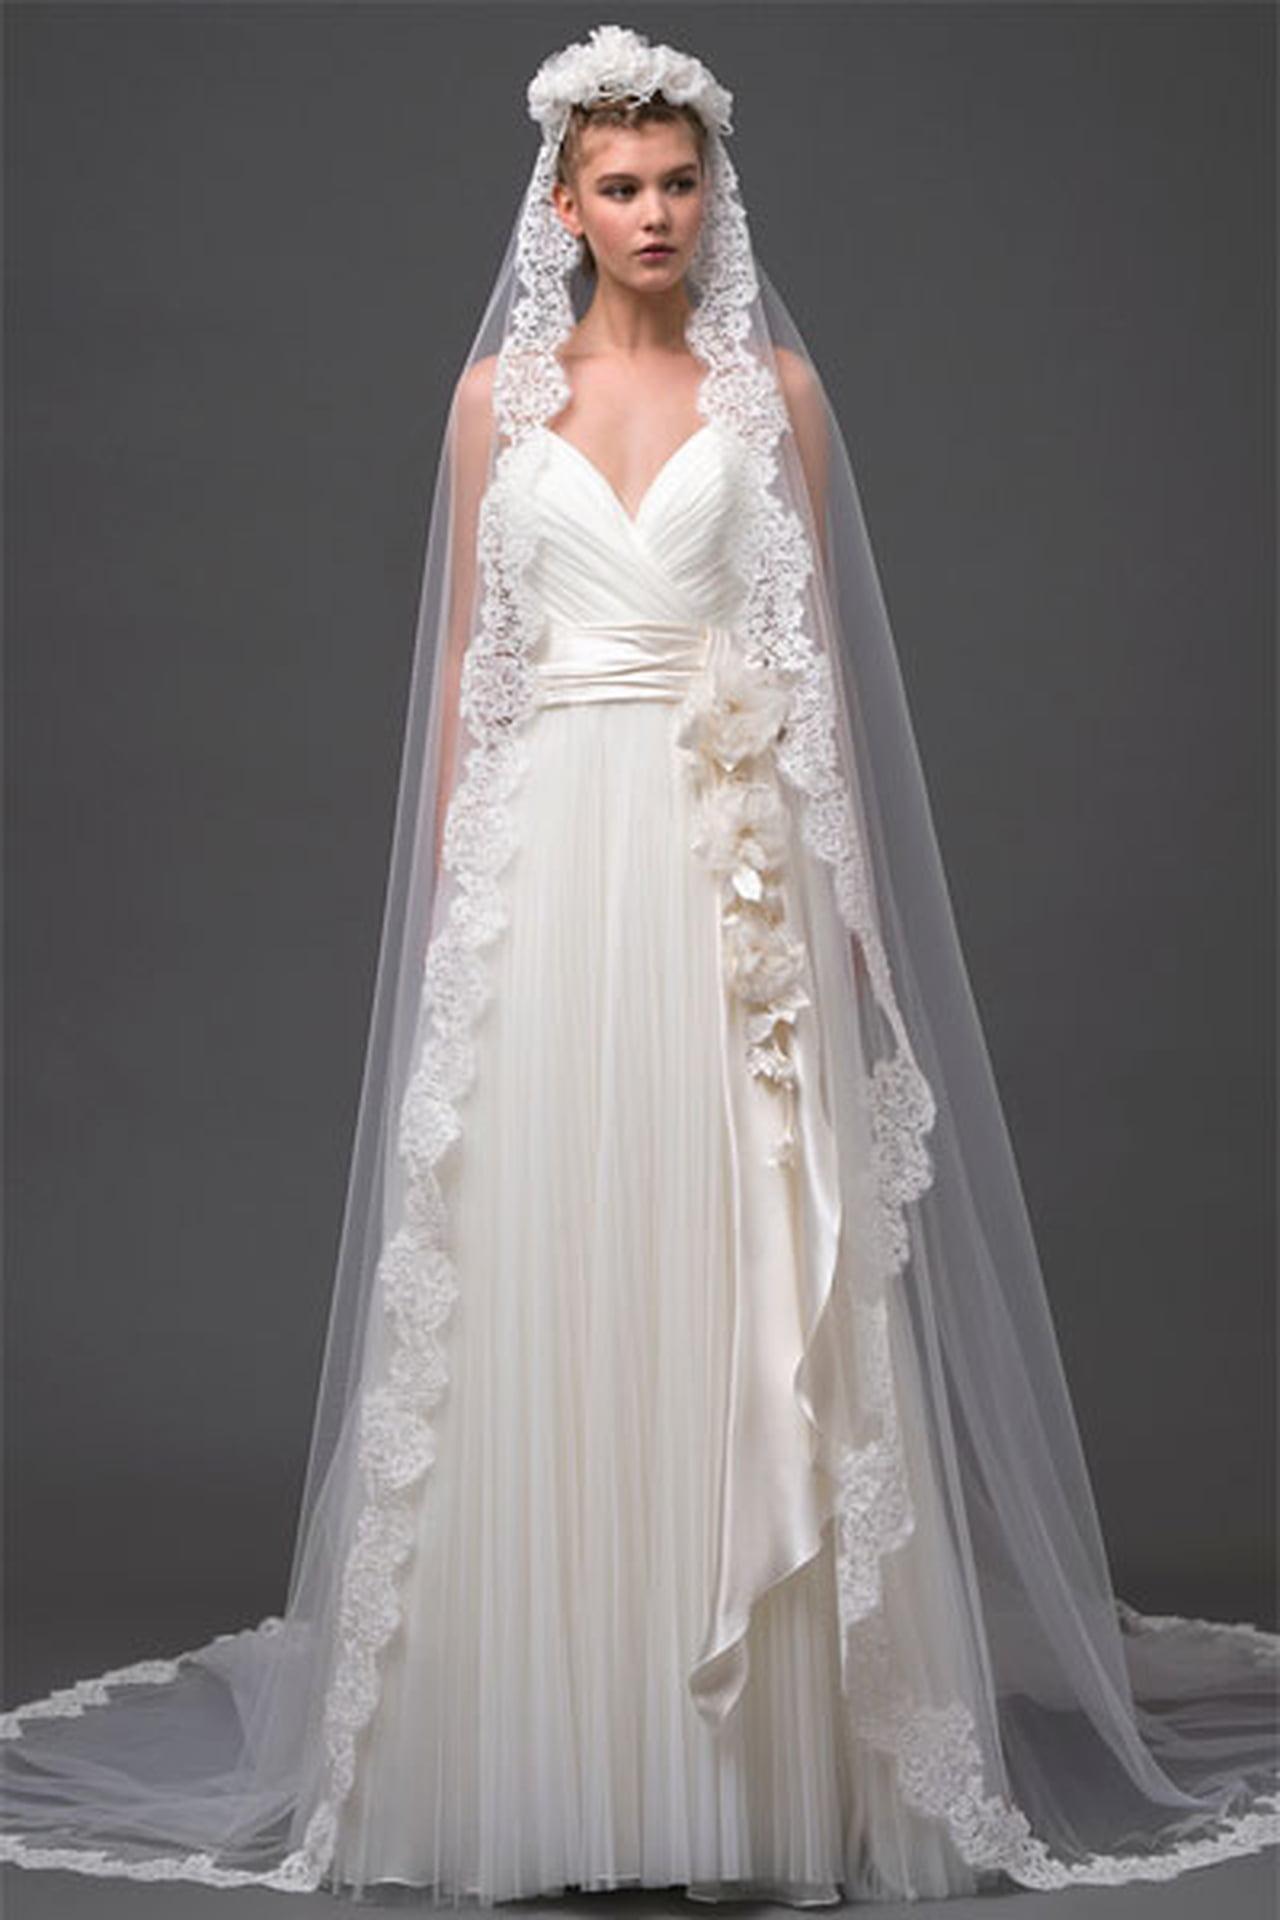 فساتين زفاف البرتا فيريتي 819876